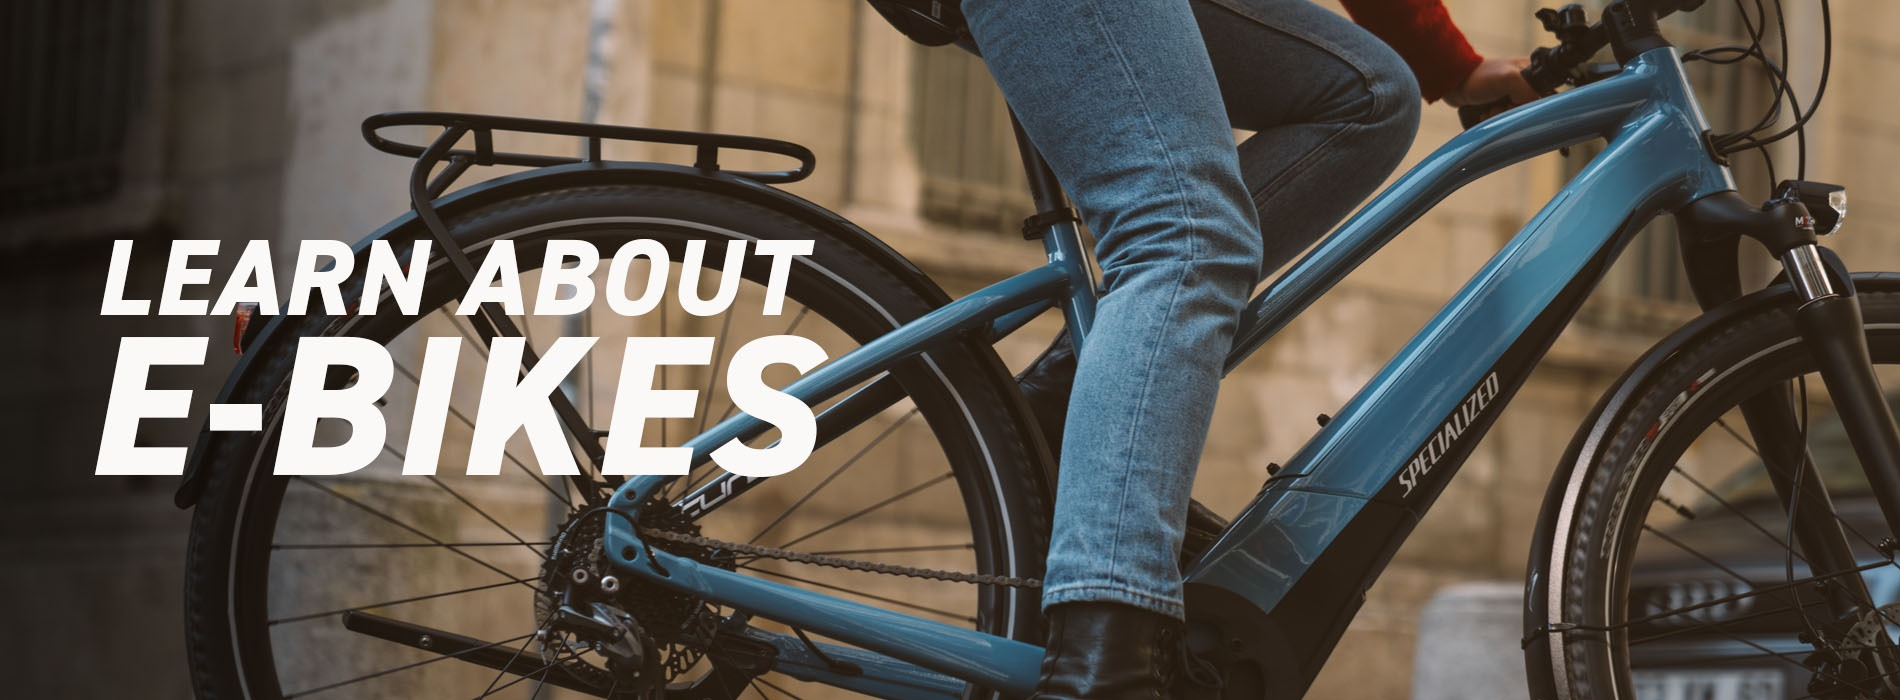 E-bikes; break down barriers!